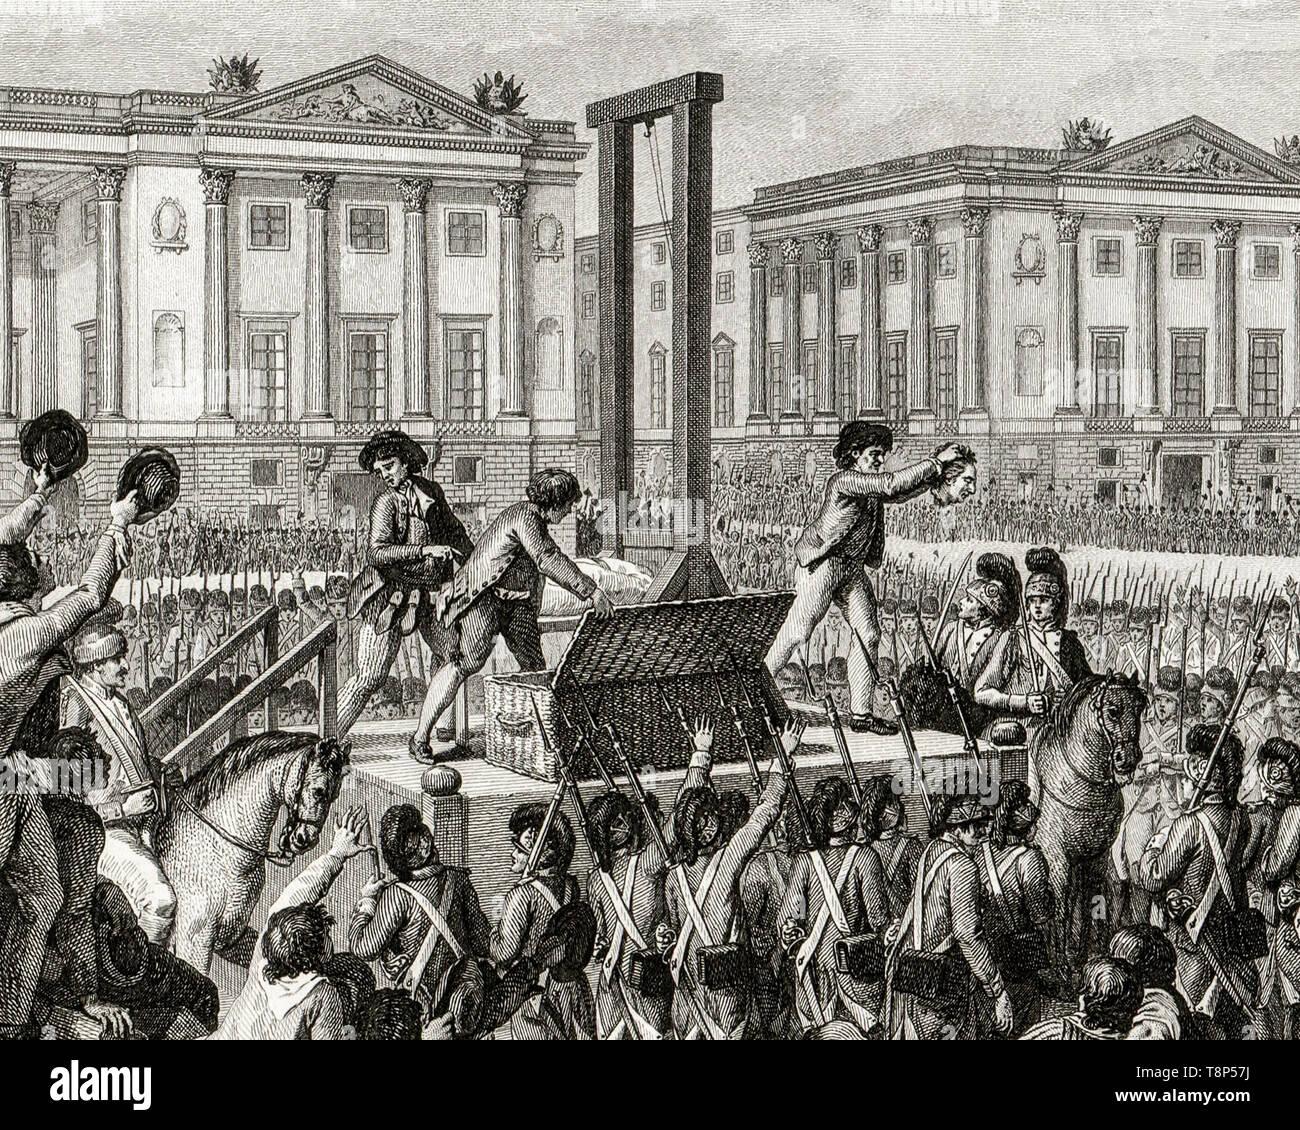 Rivoluzione francese. Esecuzione di Louis XVI. Il 21 gennaio 1793 la morte di Louis Capet (Luigi XVI) nella Place de la Rivoluzione, Parigi, incisione 1794 Immagini Stock